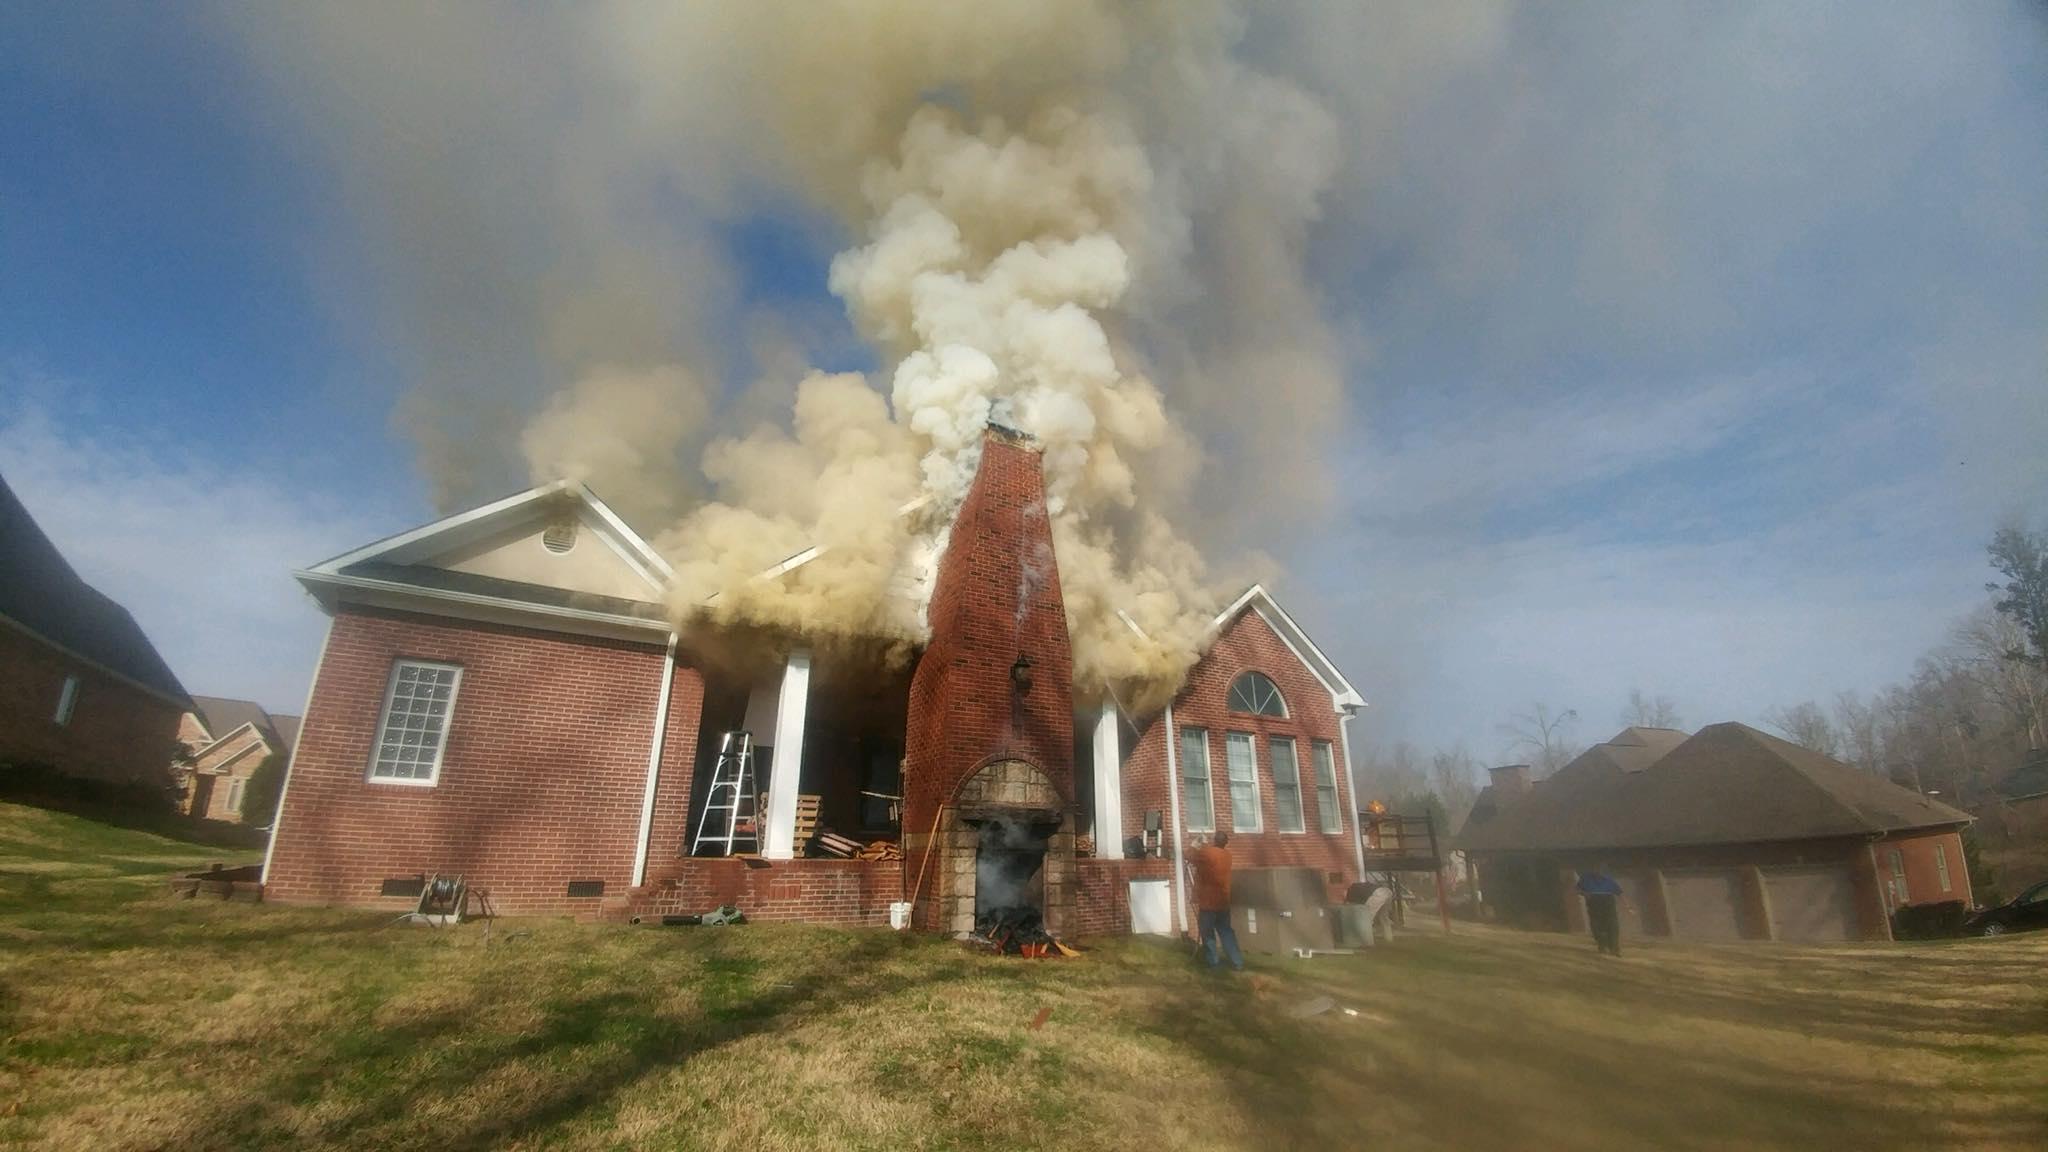 Ut Health Center >> wbir.com | Crews fight house fire on Oak Chase Blvd. in ...